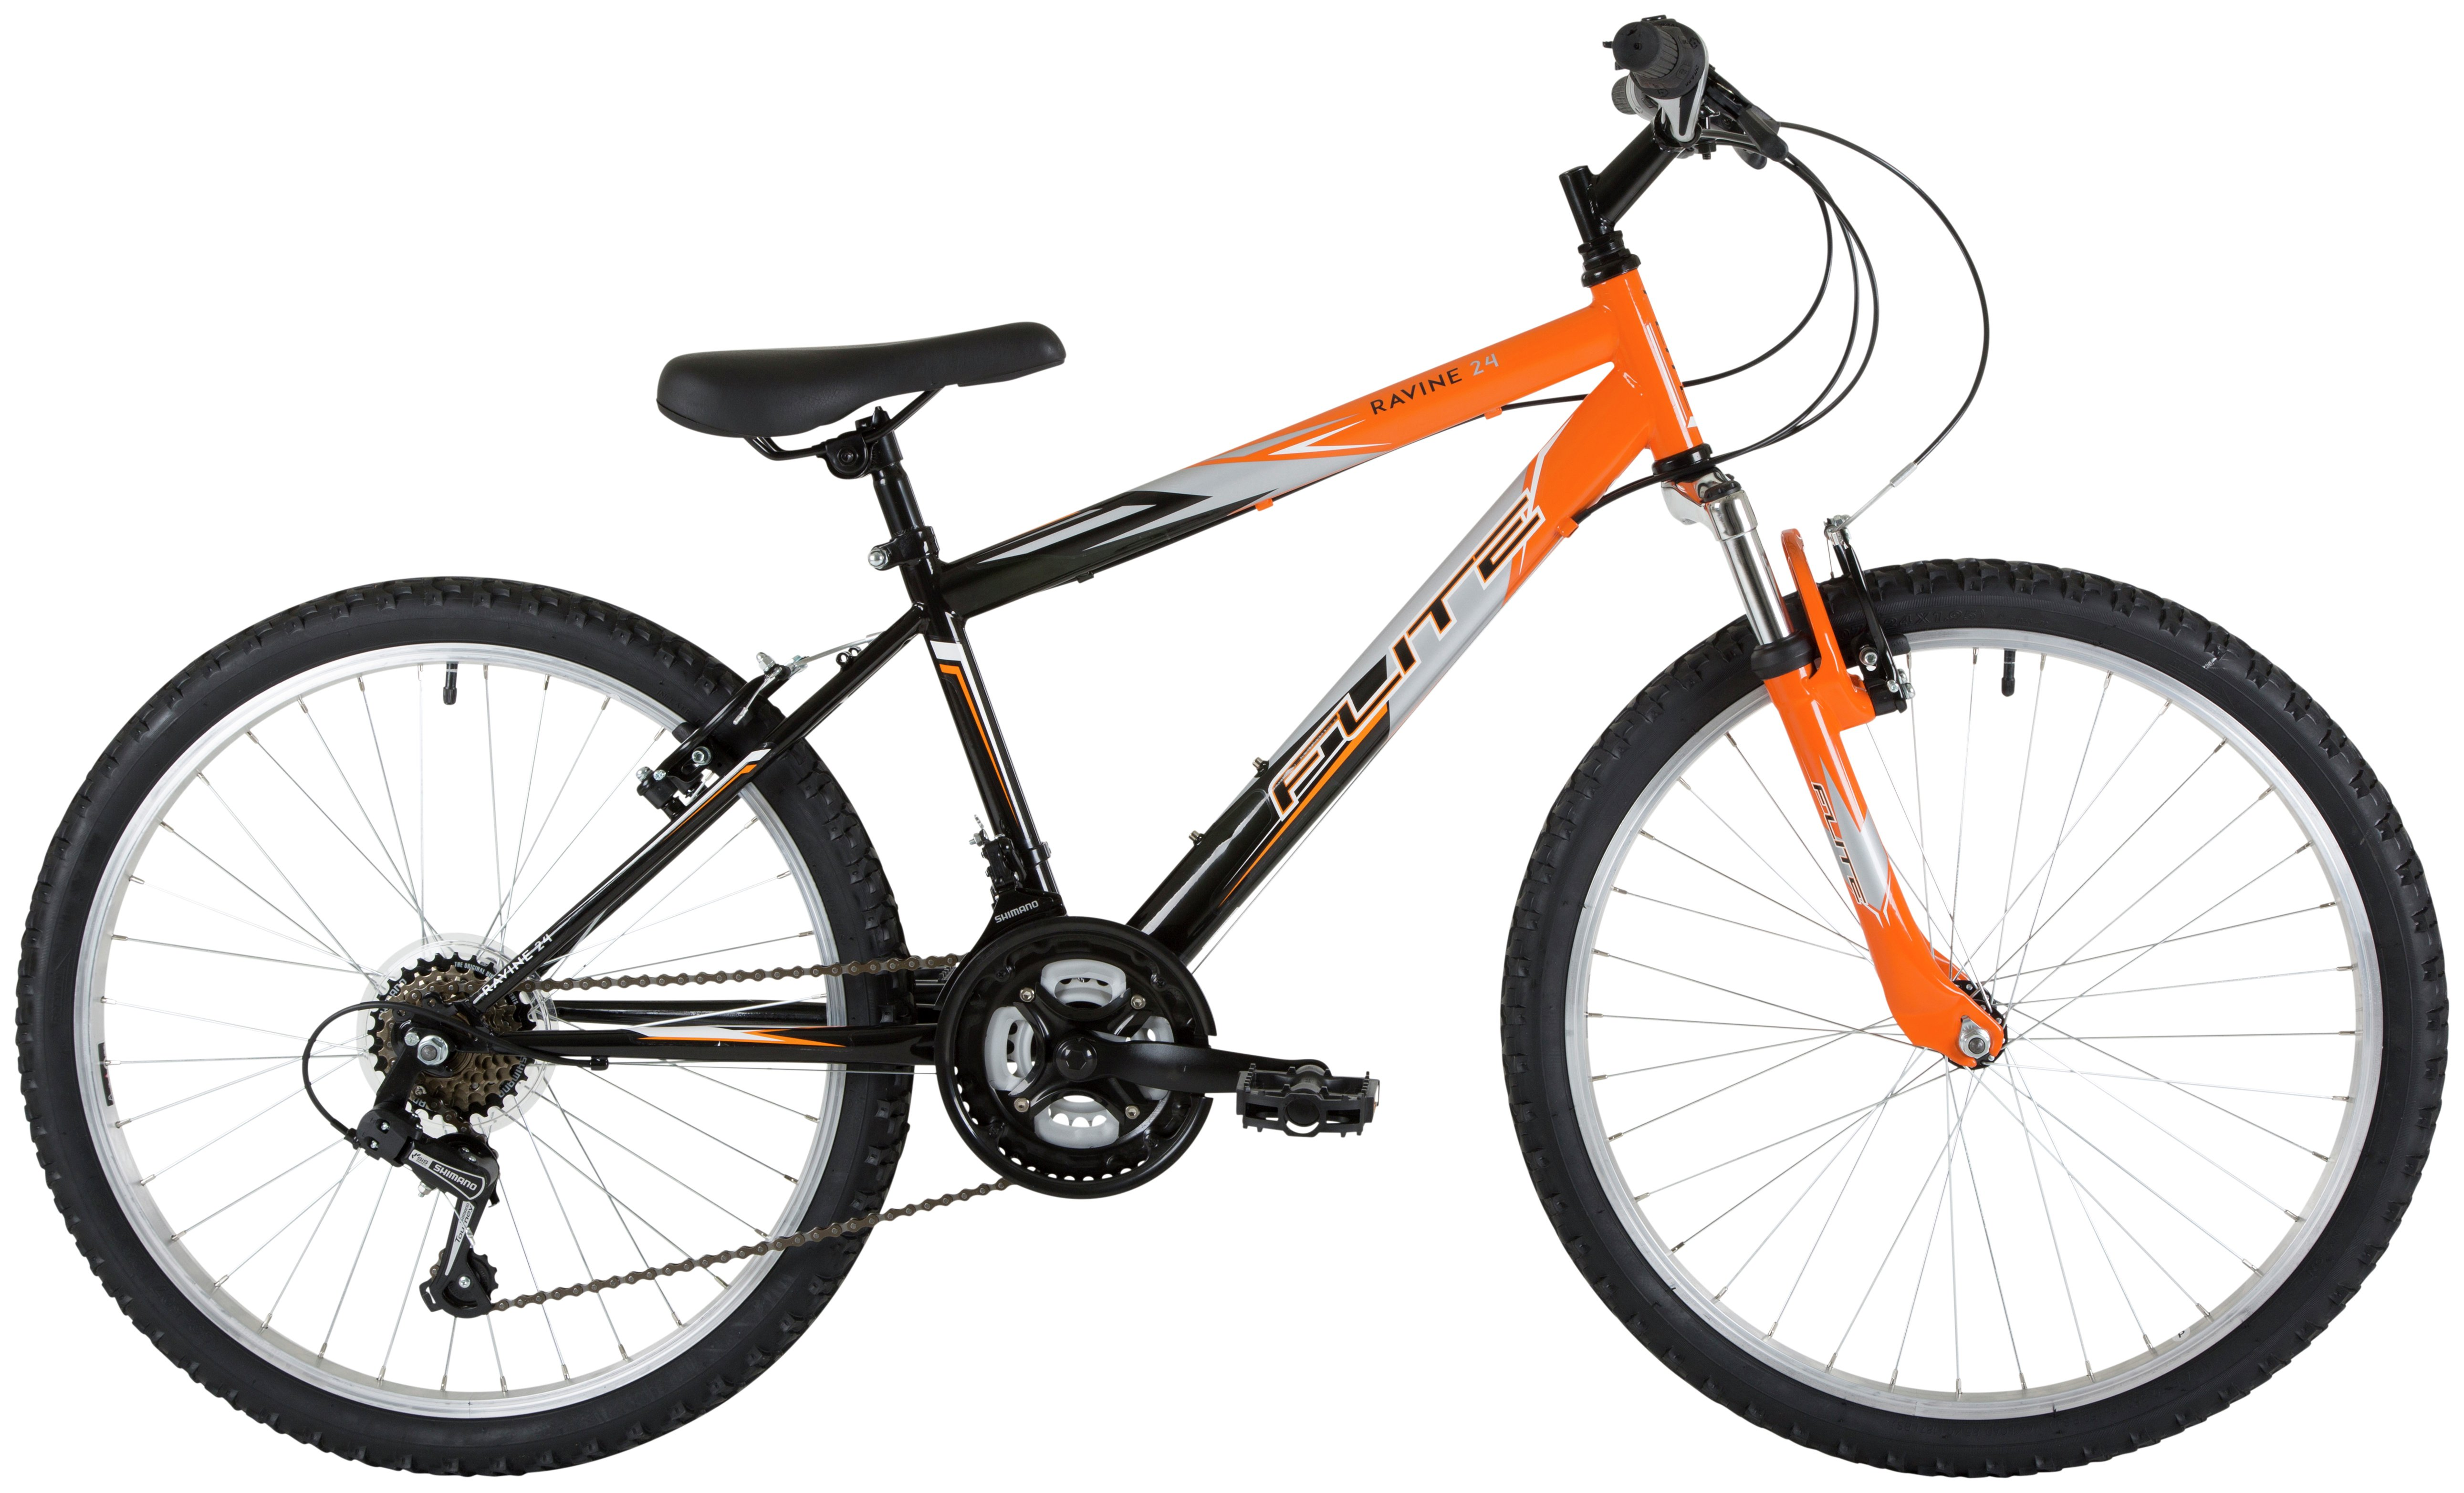 Image of Flite Ravine 24 Inch Bike - Boys.